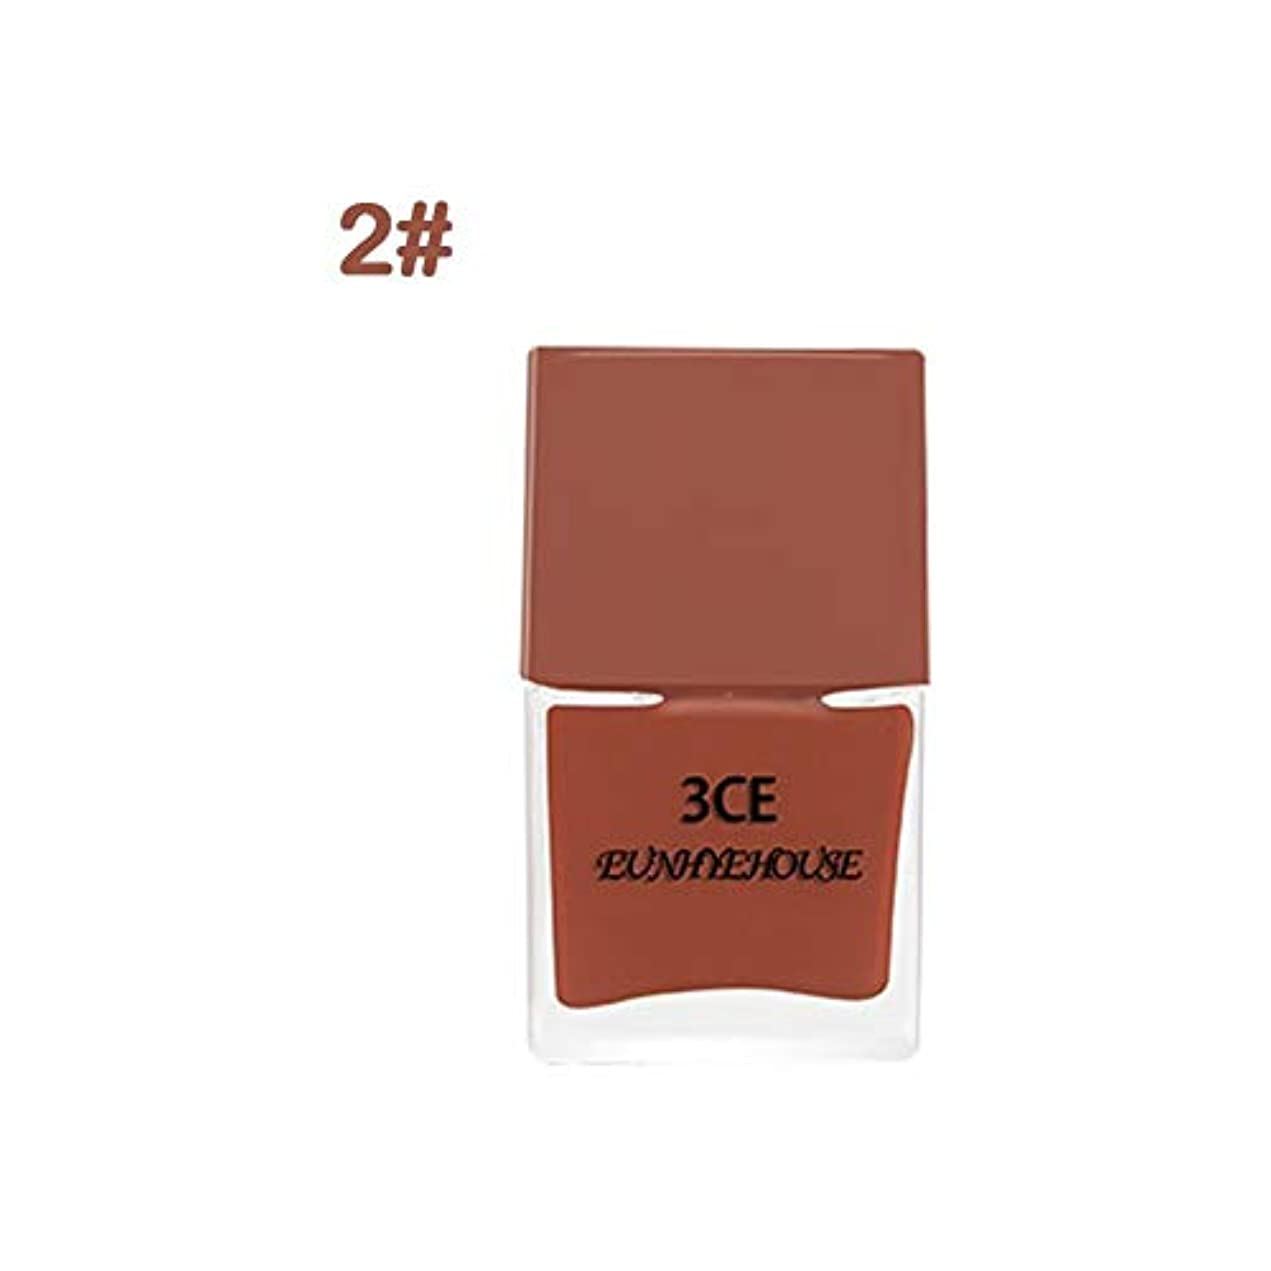 説明するお香攻撃高品質 8色選べる ネイルポリッシュ ネイルカラー レッド パンプキンカラー 秋色 ネイルデコレーション ネイルジェル マニキュア 人気ネイル用品 junexi